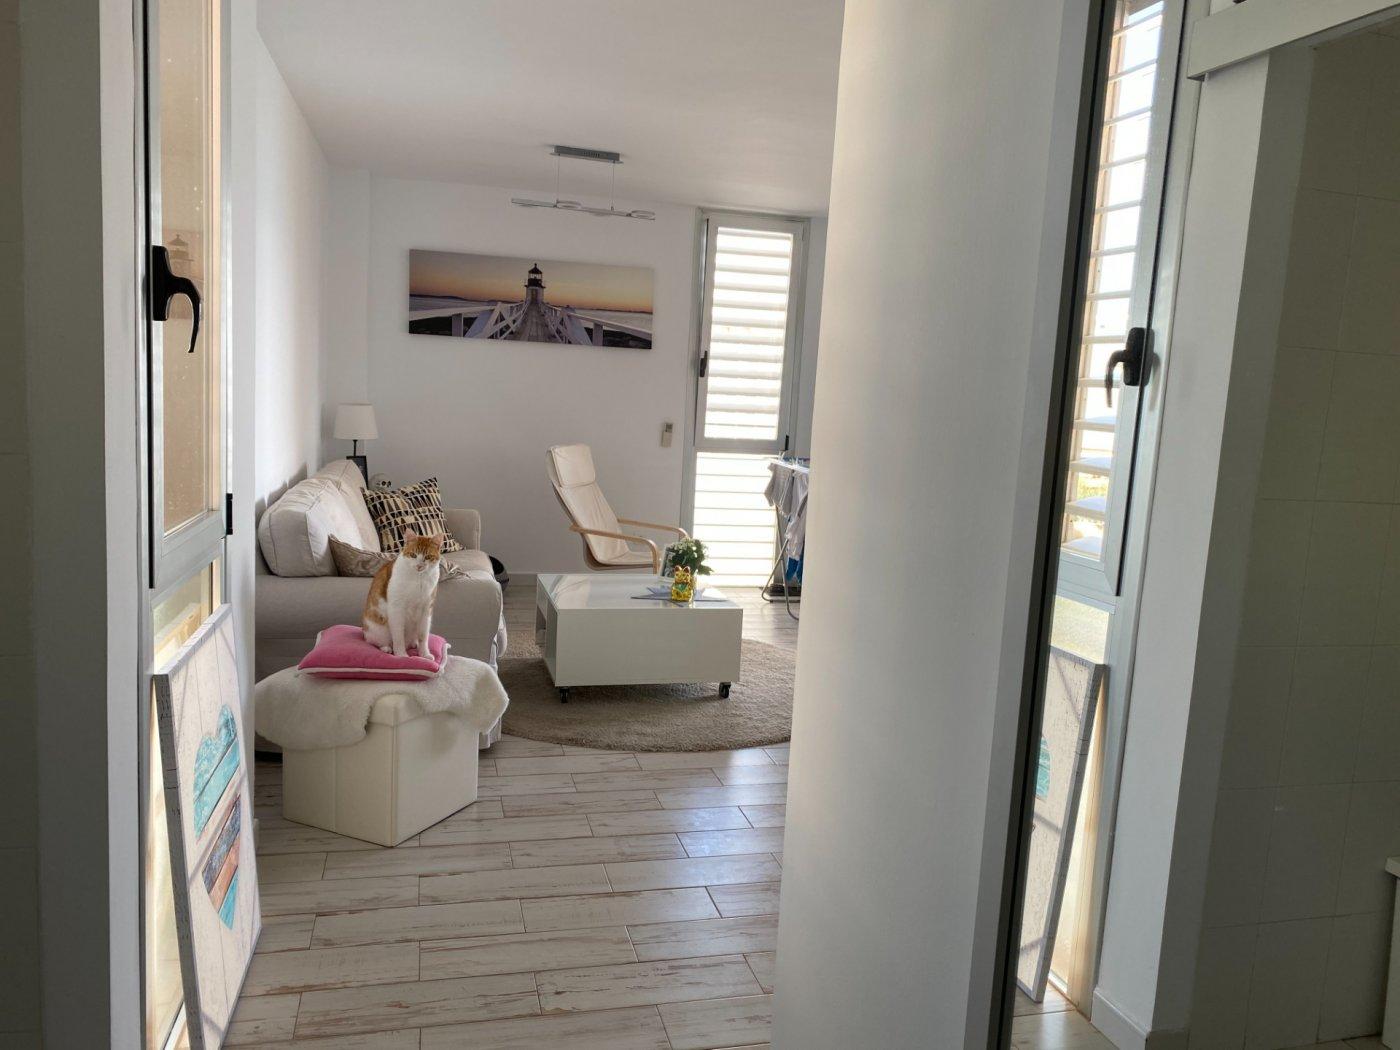 Alquiler con opcion de compra!espectacular apartamento con vistas al mar y parking propio - imagenInmueble35